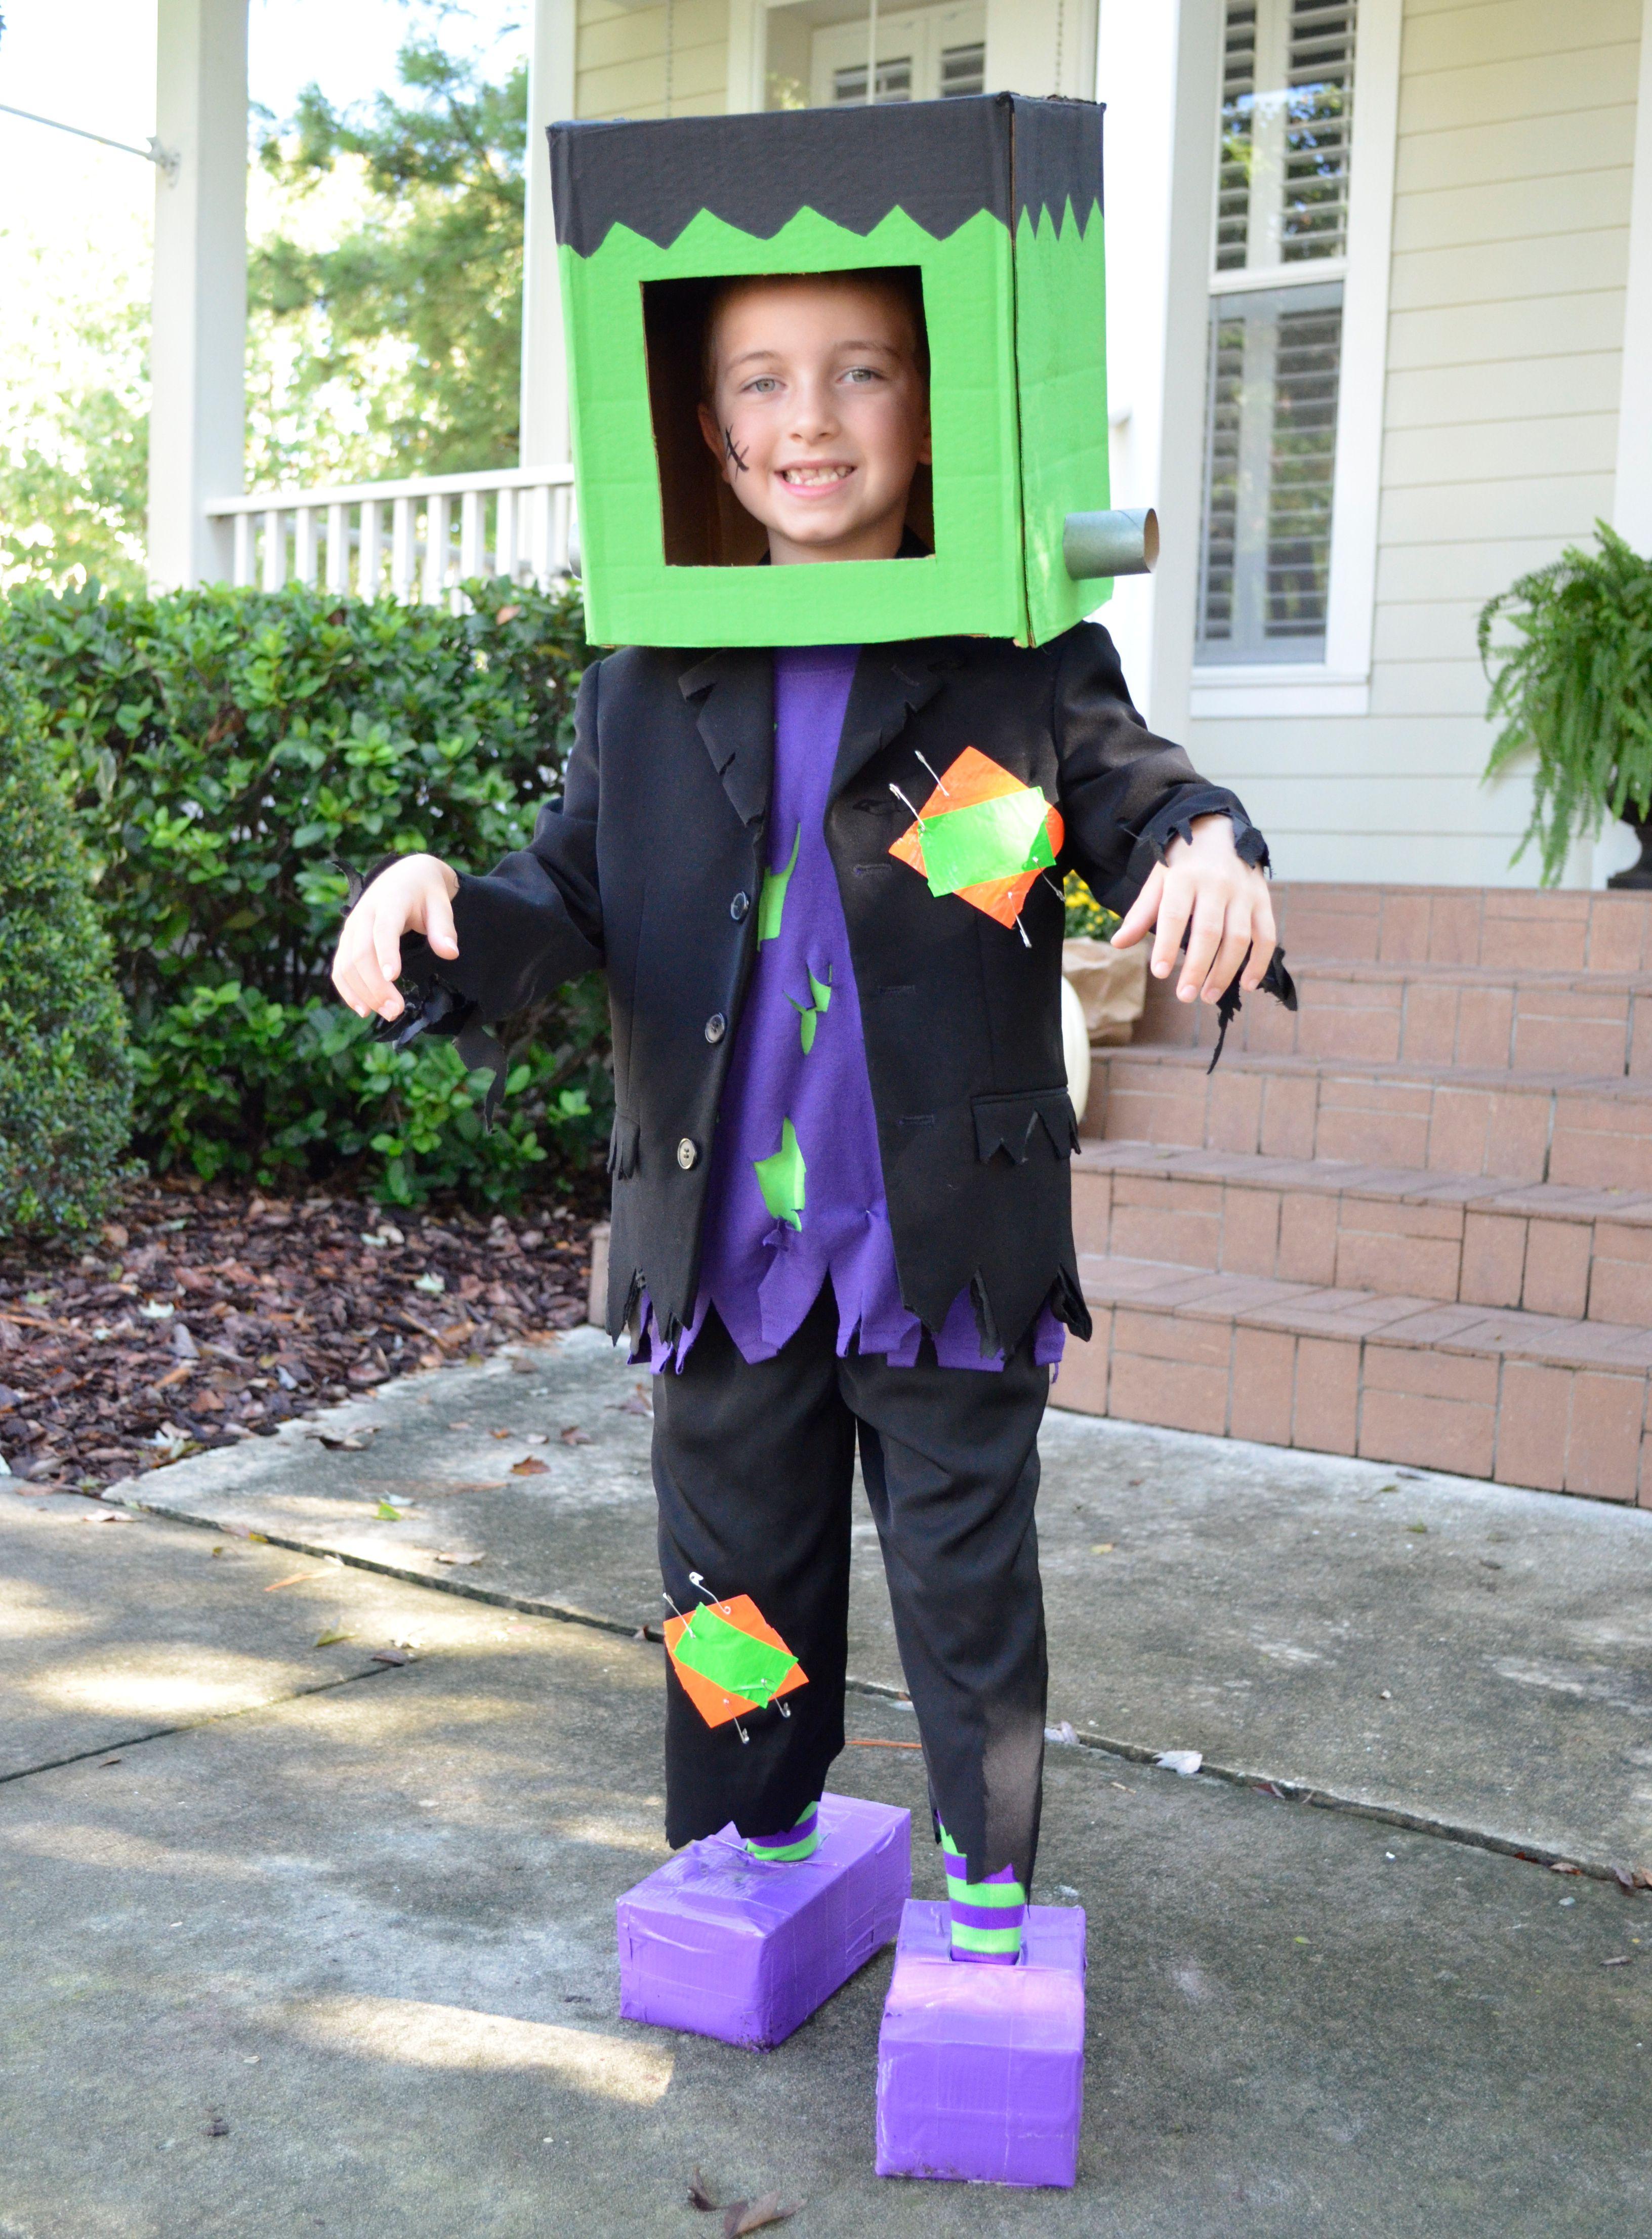 Kid S Halloween Costume Frankenstein Frankenstein Costume Kids Frankenstein Costume Cute Halloween Costumes